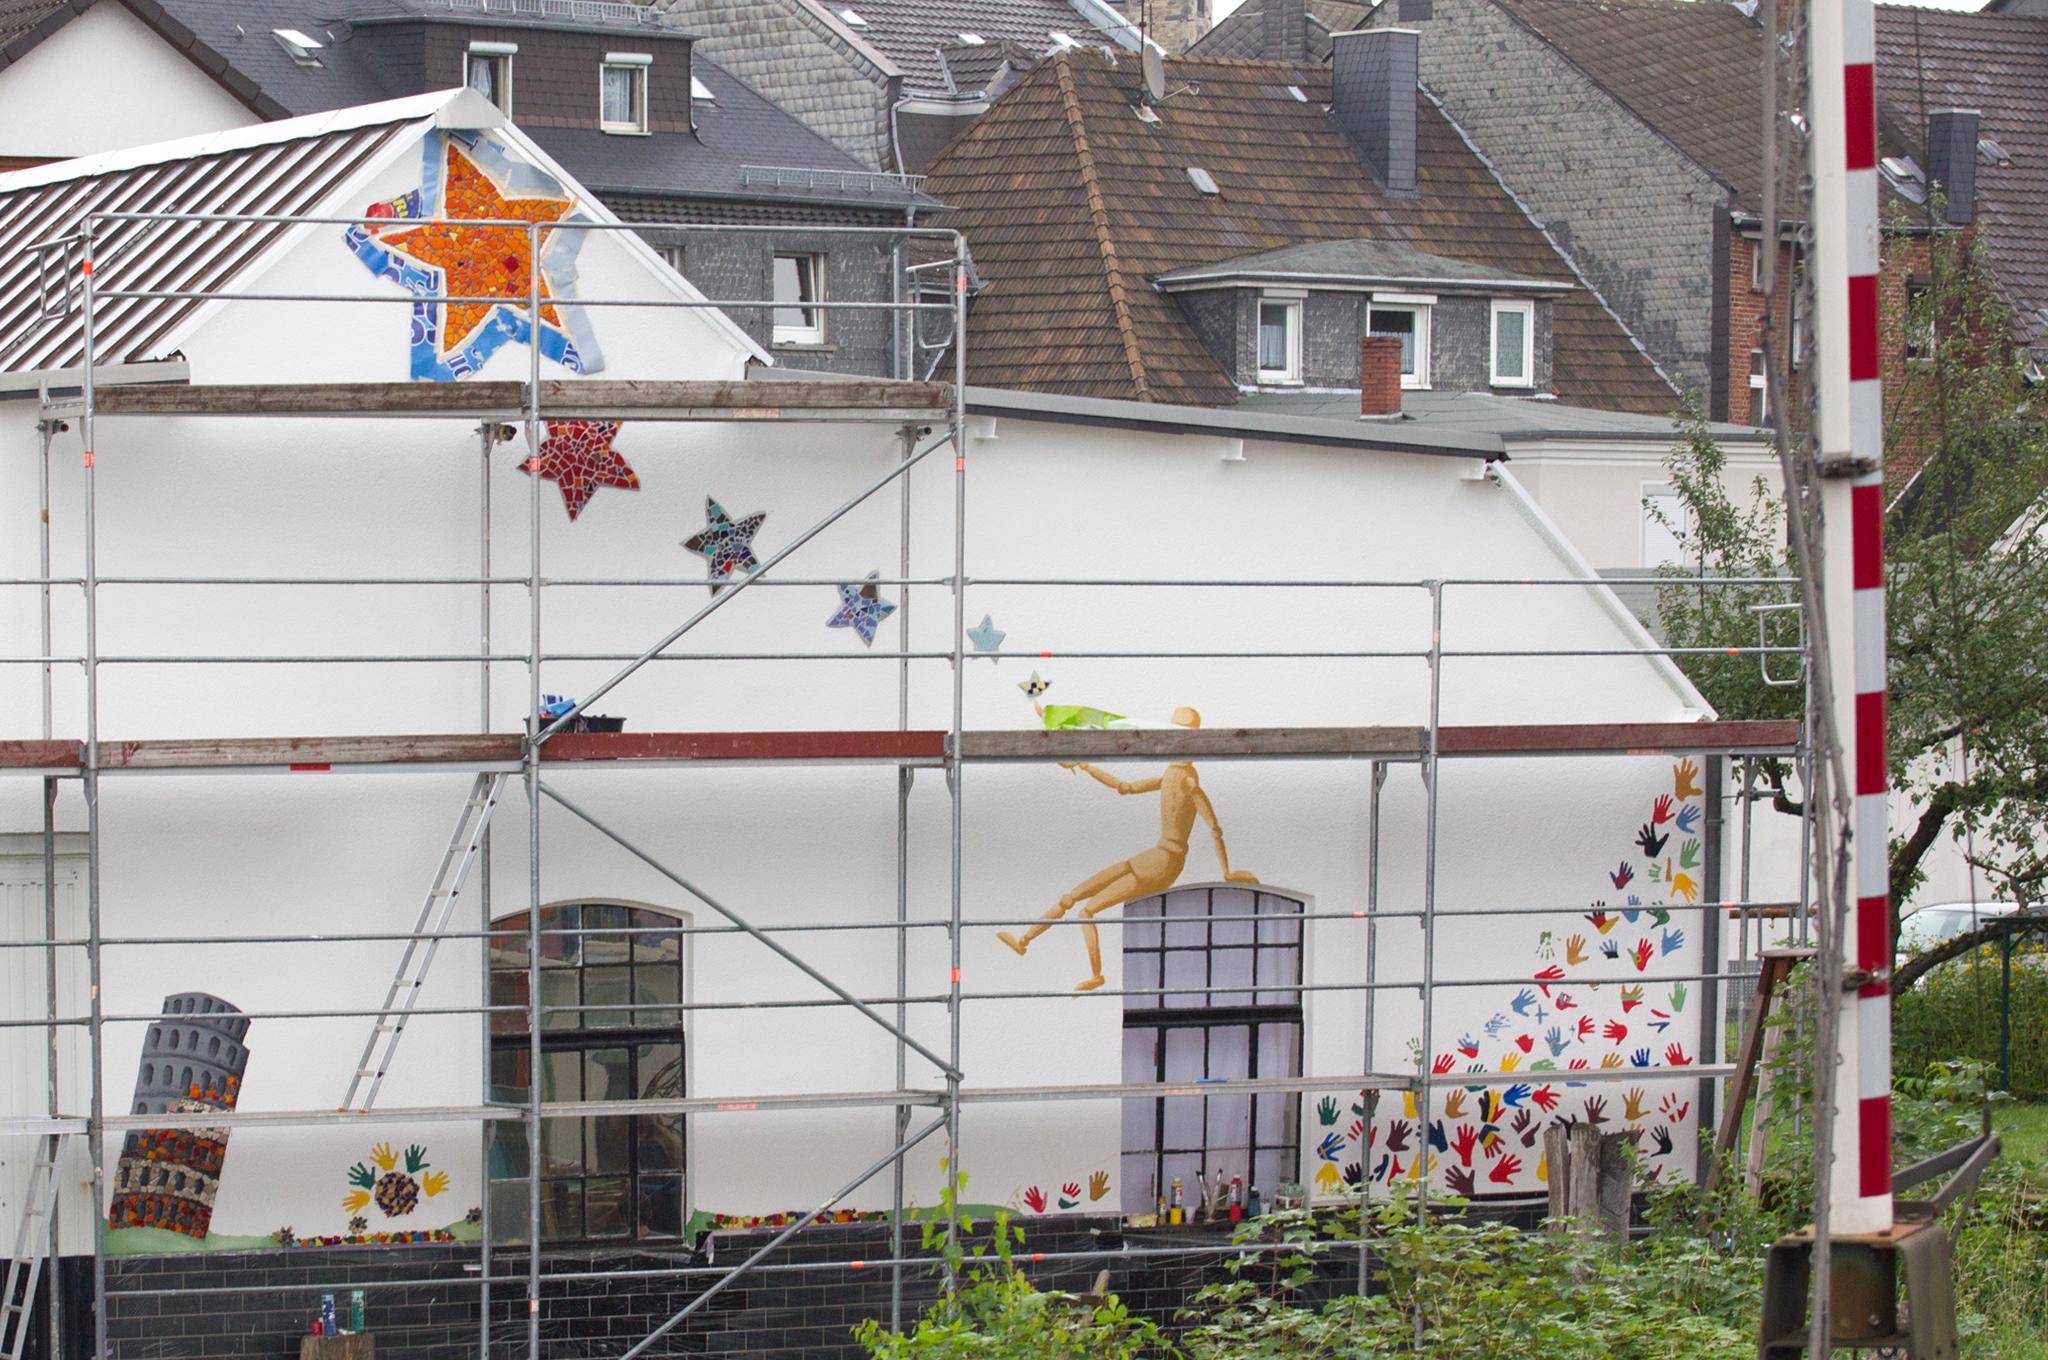 Fassadengestaltung tanja corbach bildende kunst for Raumgestaltung partizipation